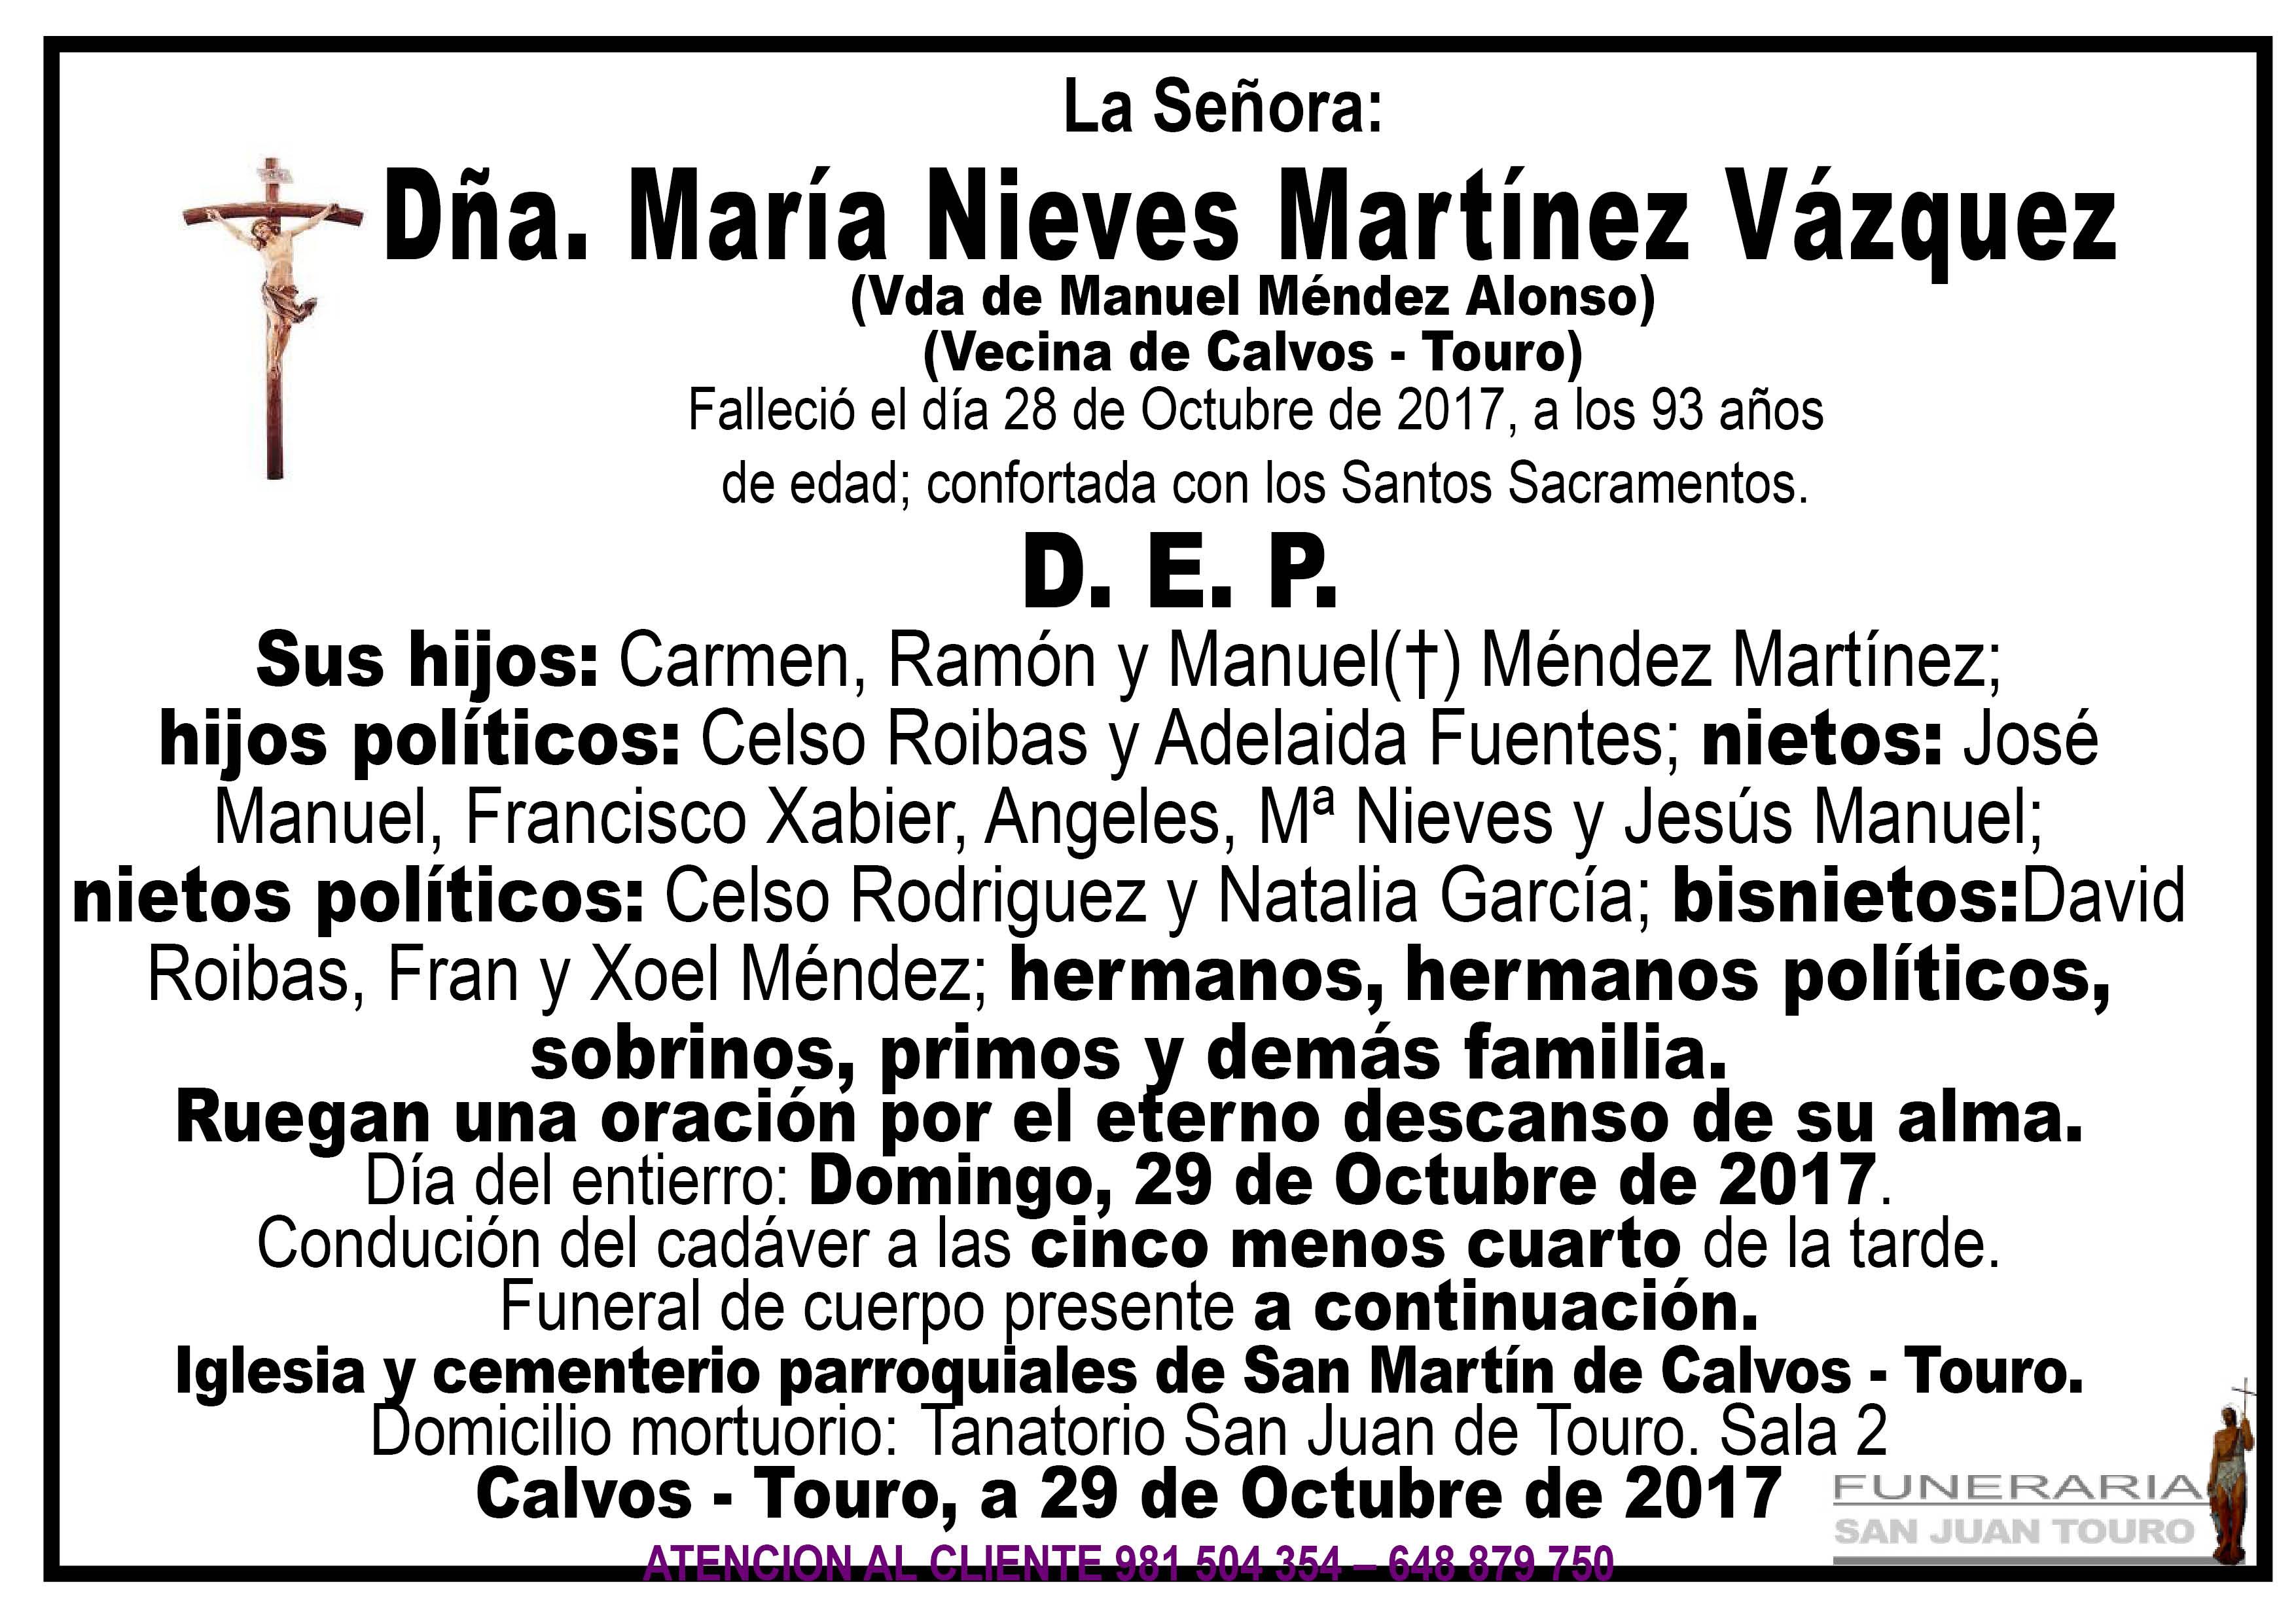 Esquela de SEPELIO DE DÑA MARIA NIEVES MARTINEZ VAZQUEZ